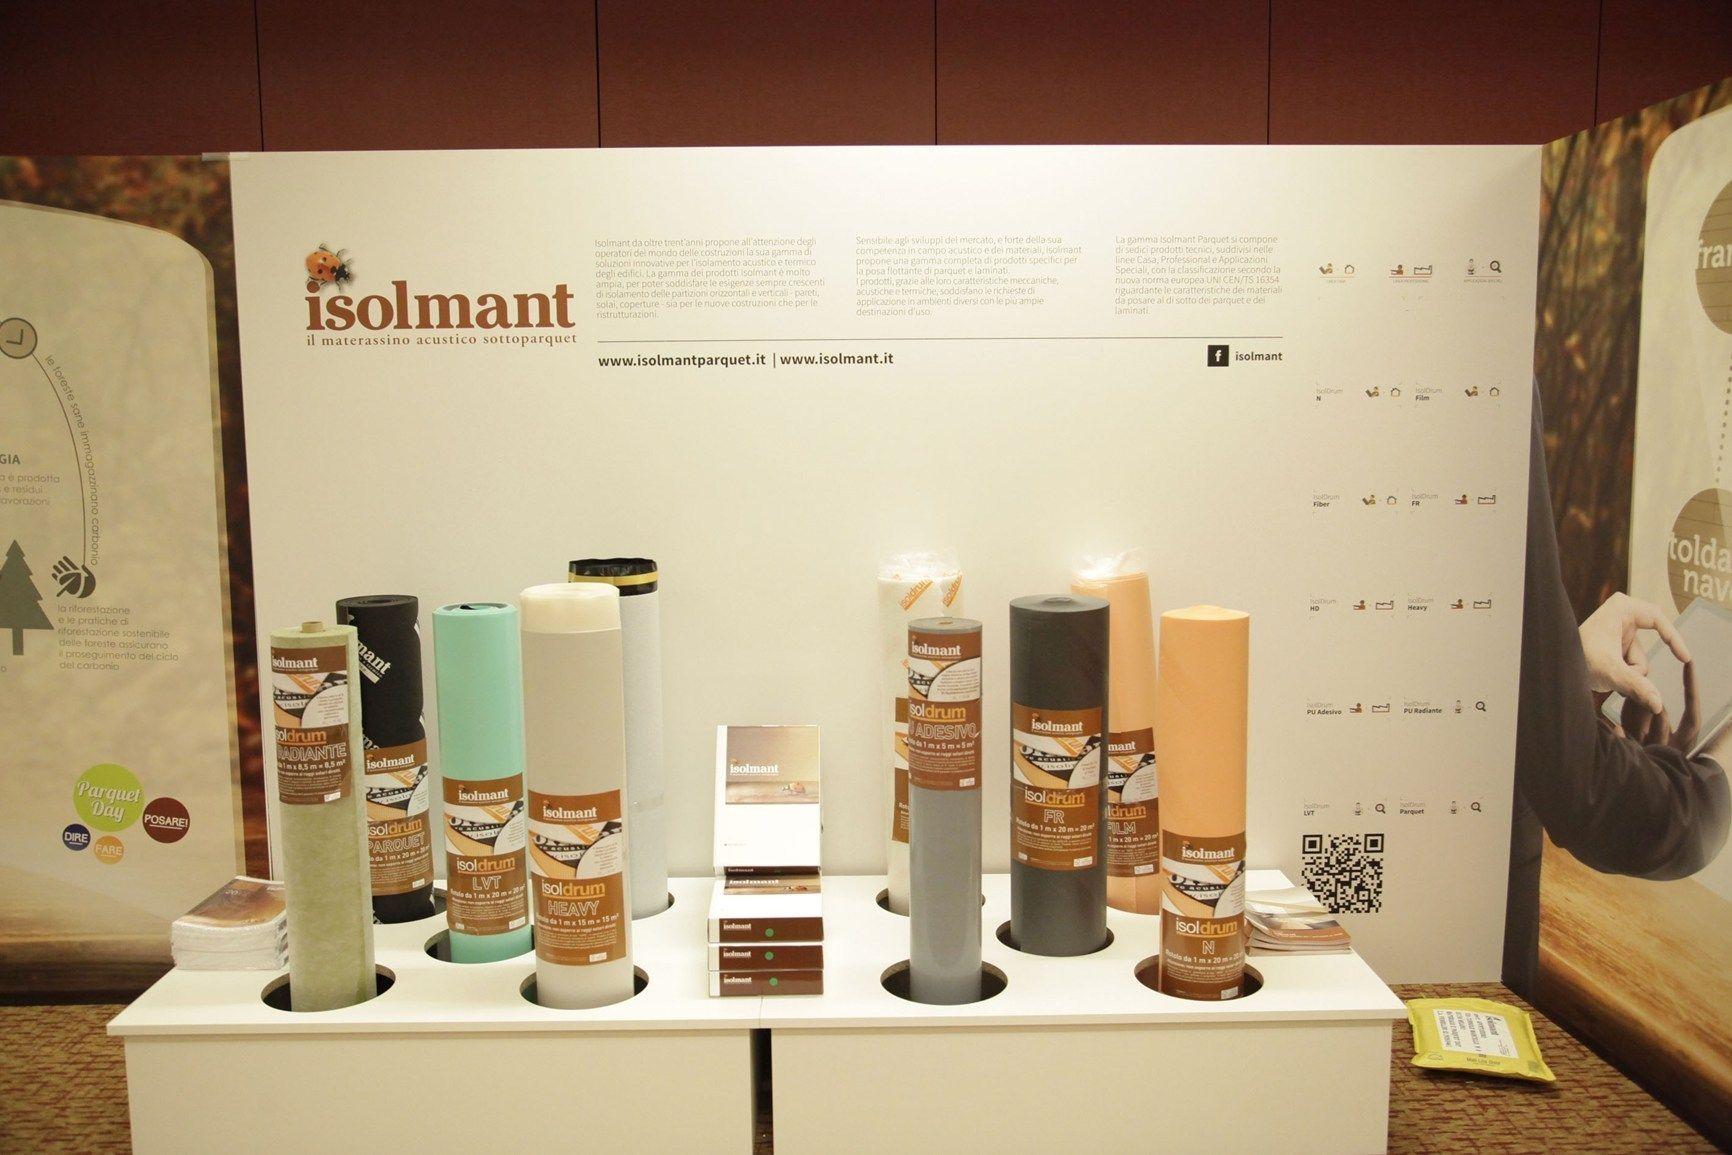 Tecnasfalti-Isolmant presenta le innovative soluzioni della Linea Parquet al 'Parquet Day'